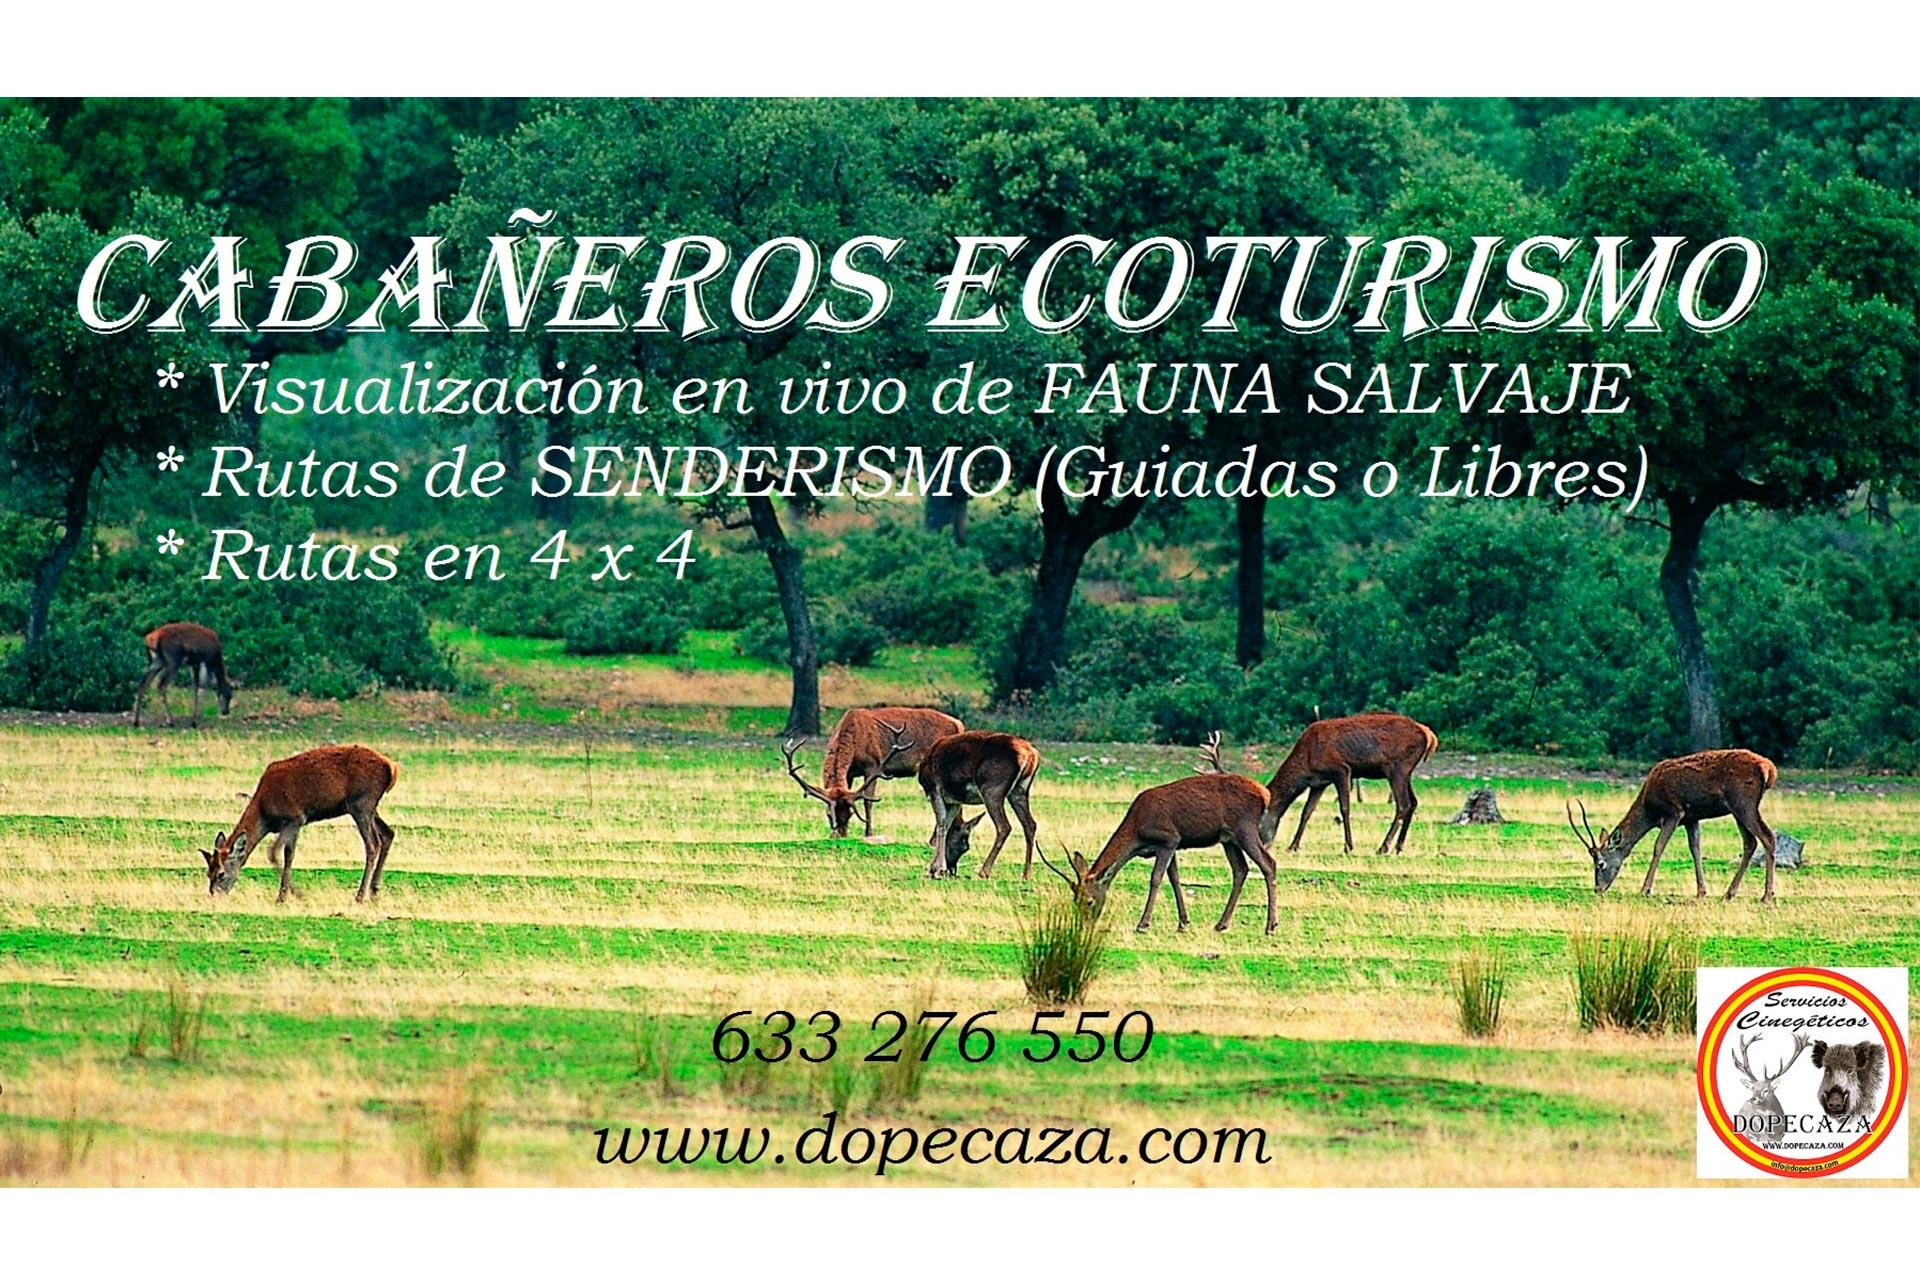 cabaneros-ecoturismo